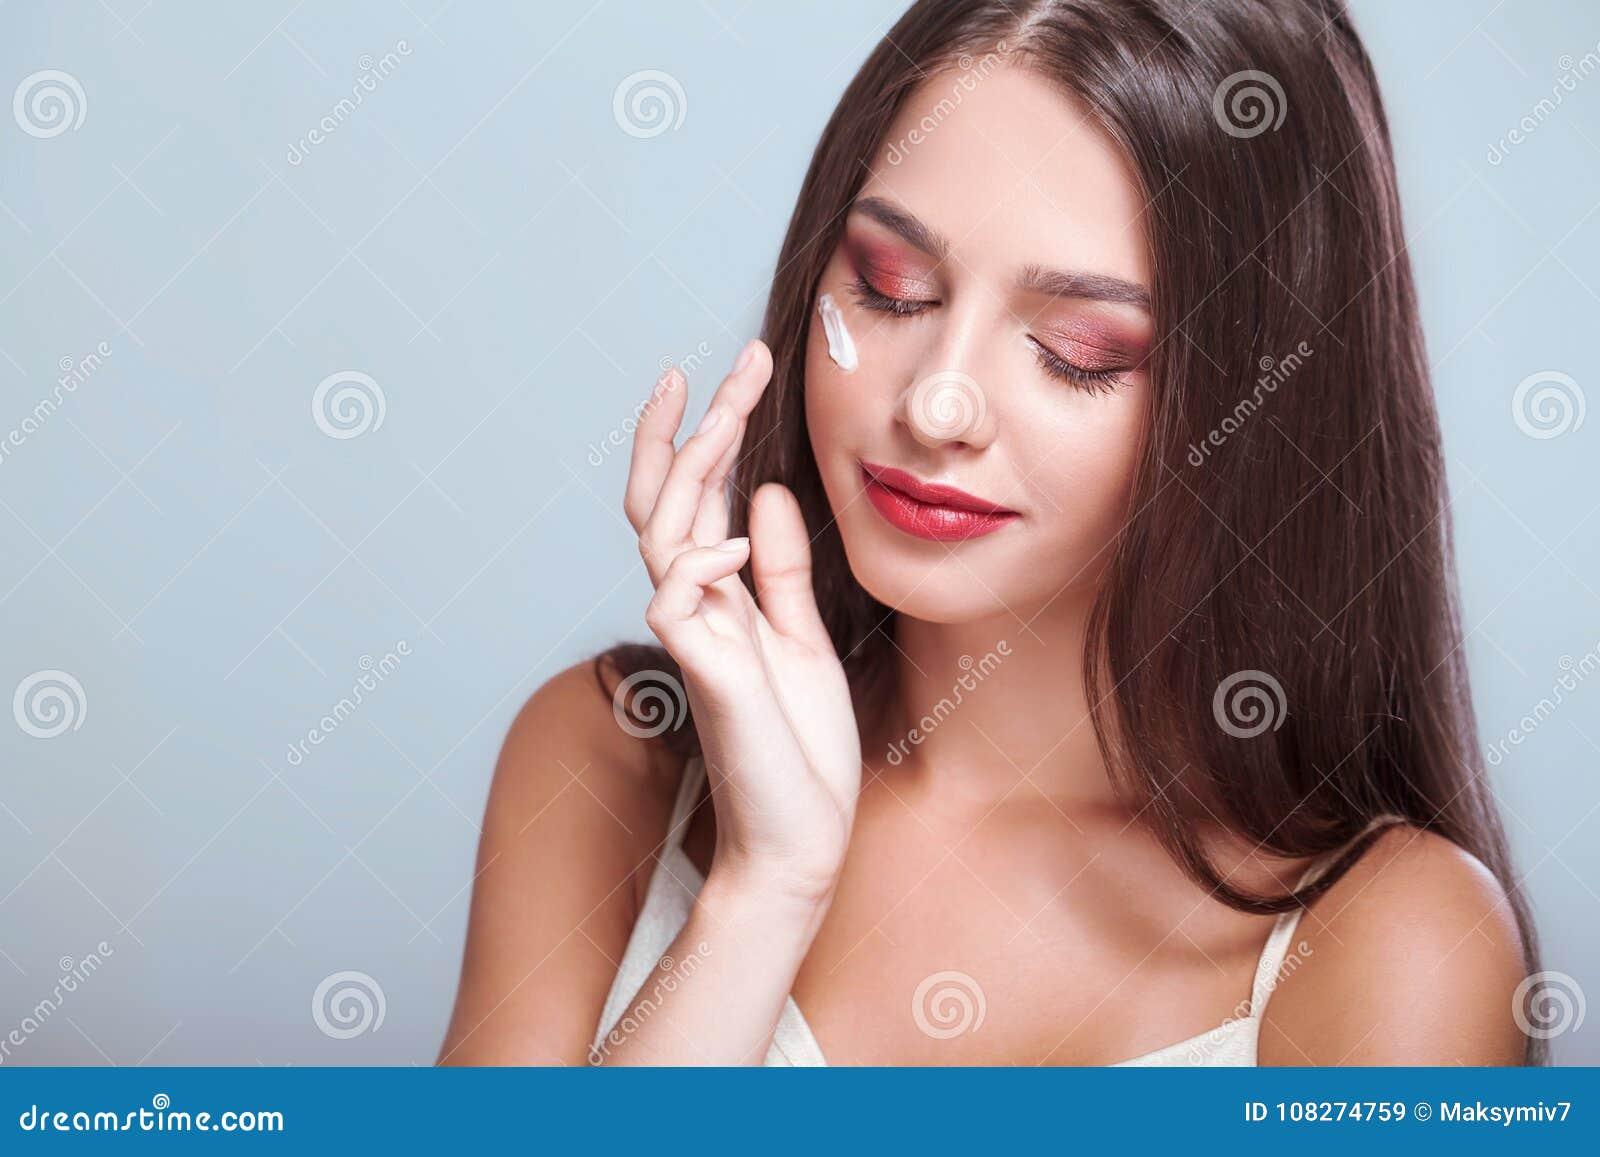 прикладывать политуру кожи внимательности прозрачную Сторона красоты женщины с косметической сливк на стороне _